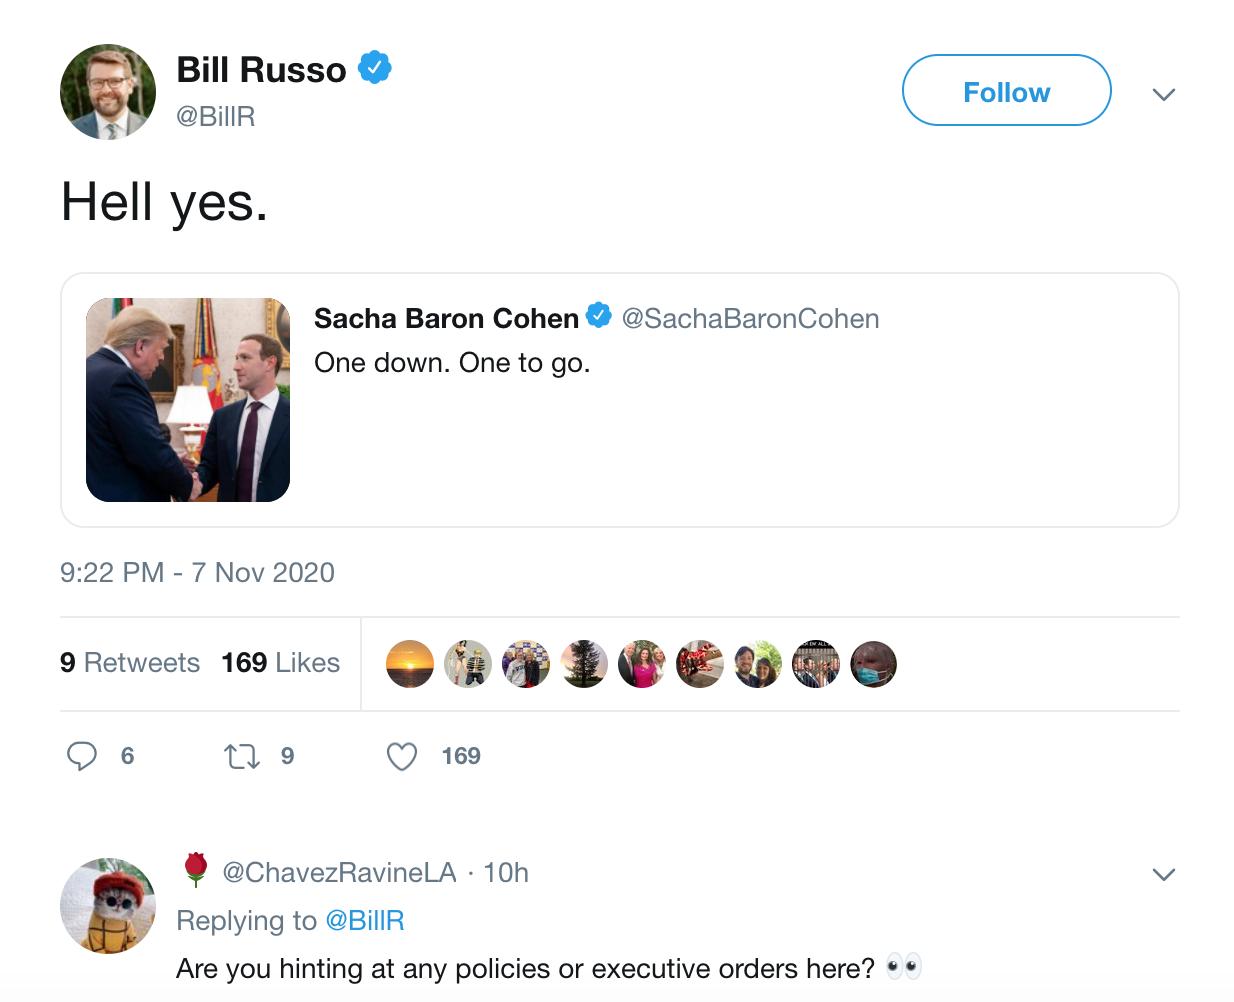 Russo Tweet